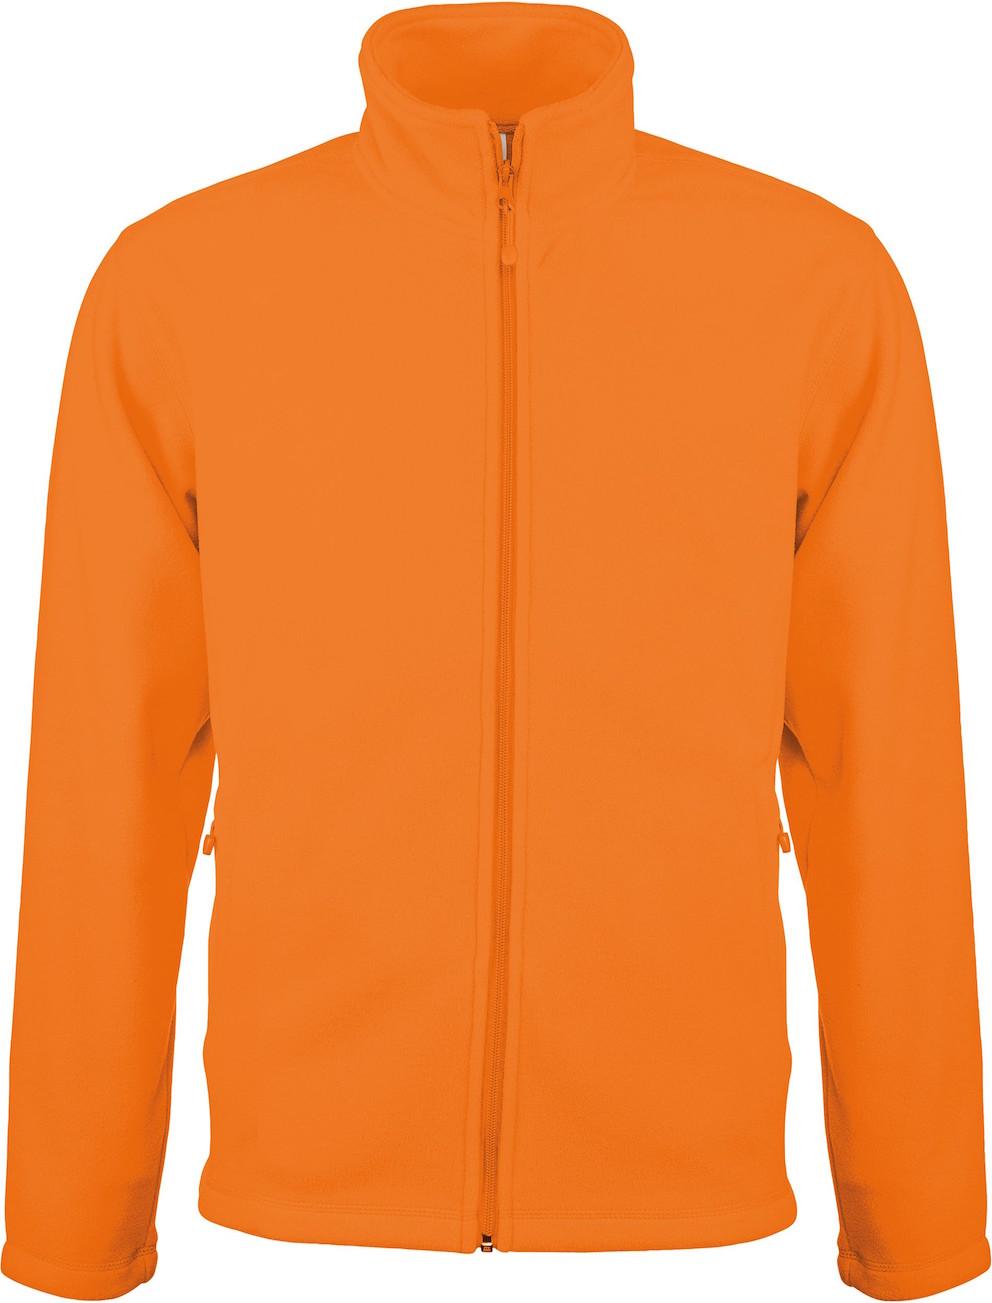 Microfleecetakki K911 Orange